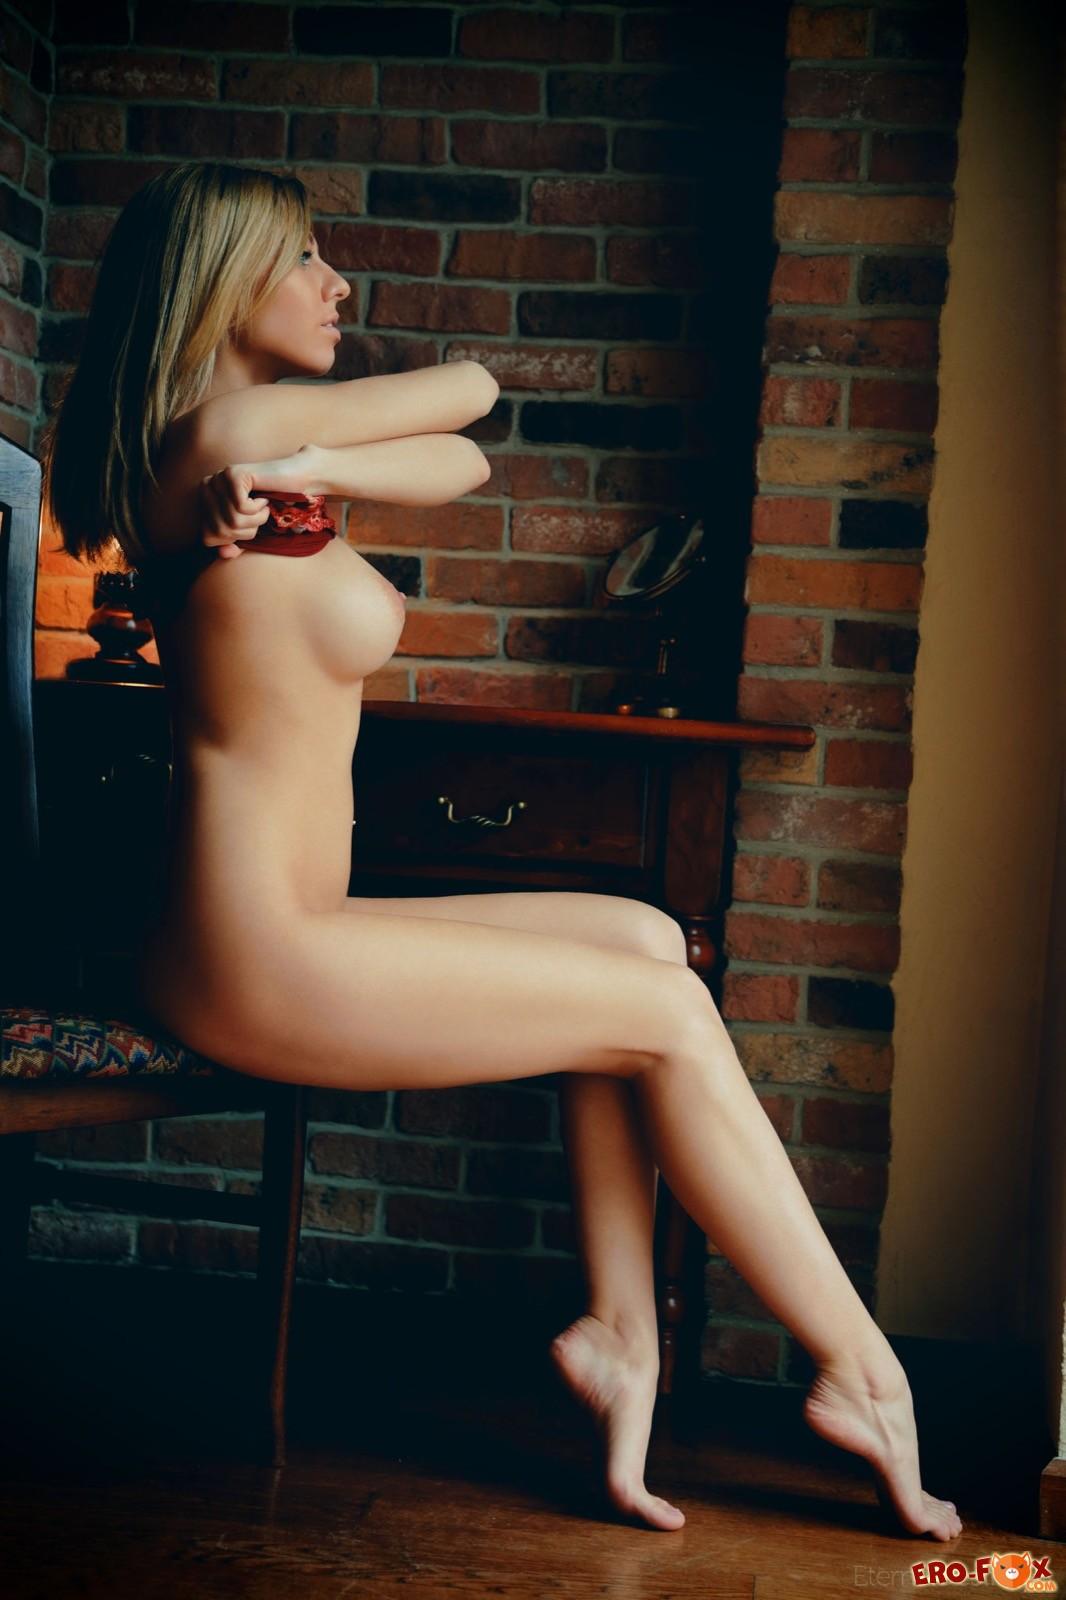 Нежная девка с крупными упругими сиськами